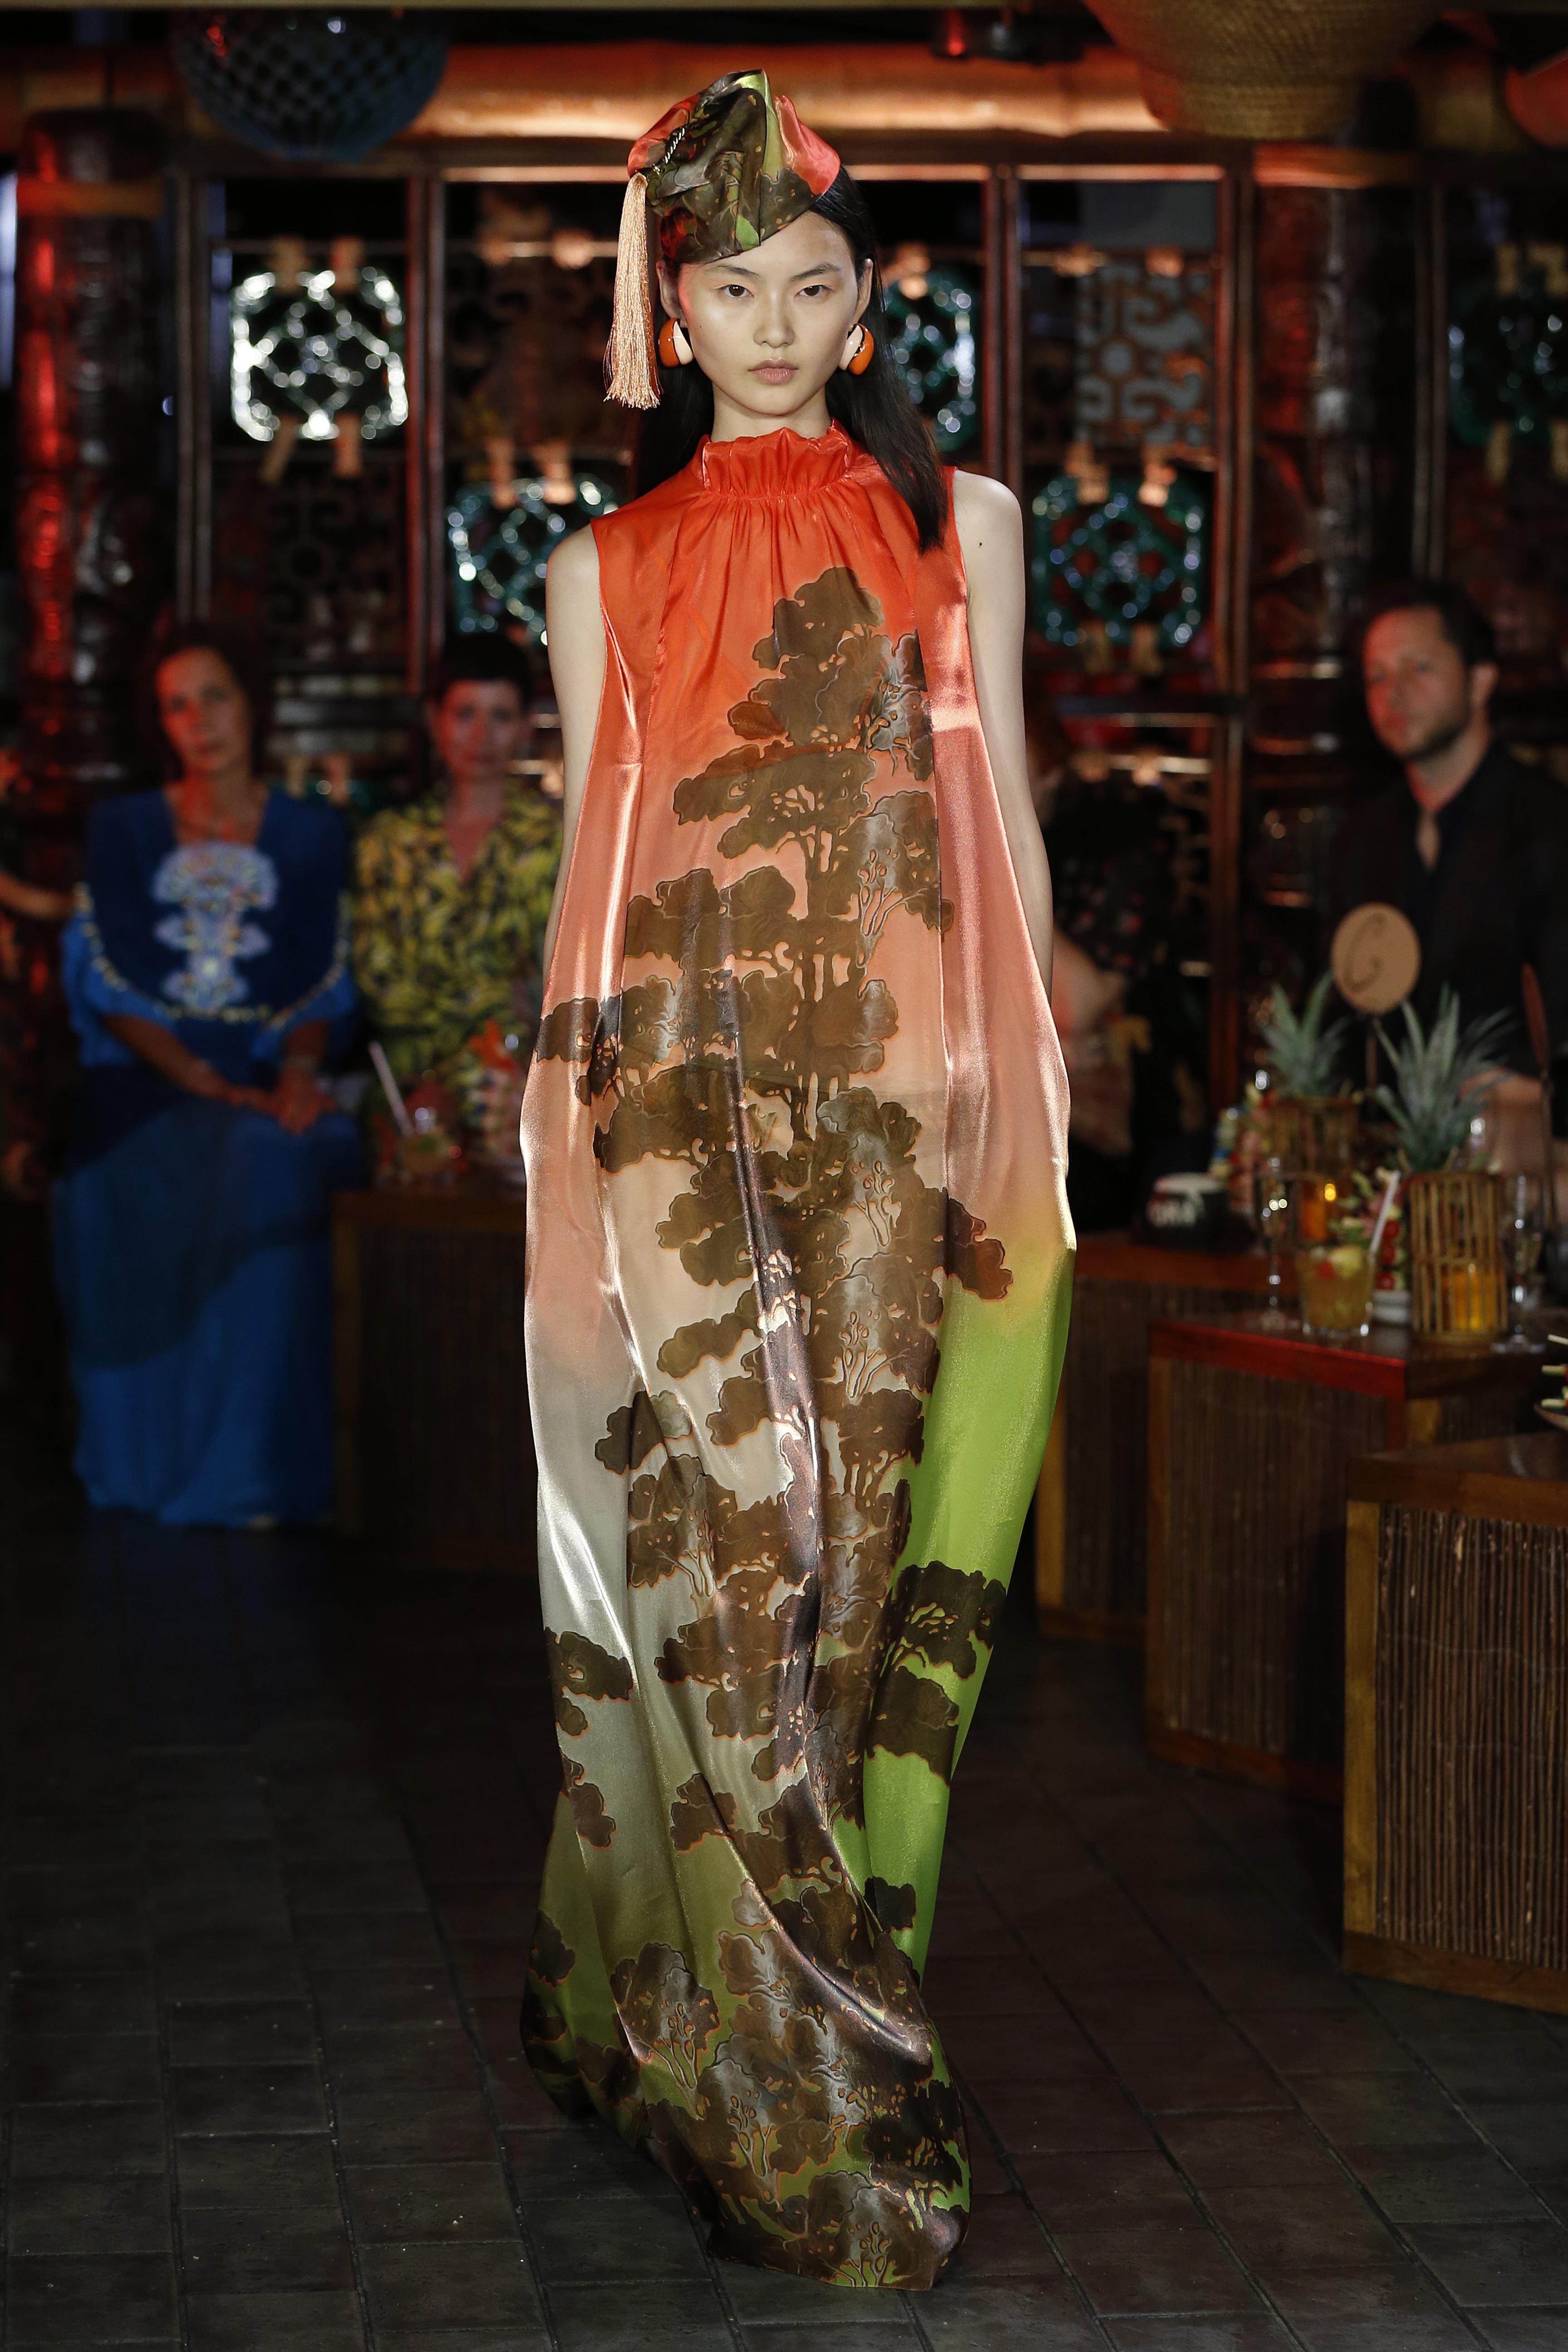 österreichisches Modedesign, Show-off, zeitgenössisches,